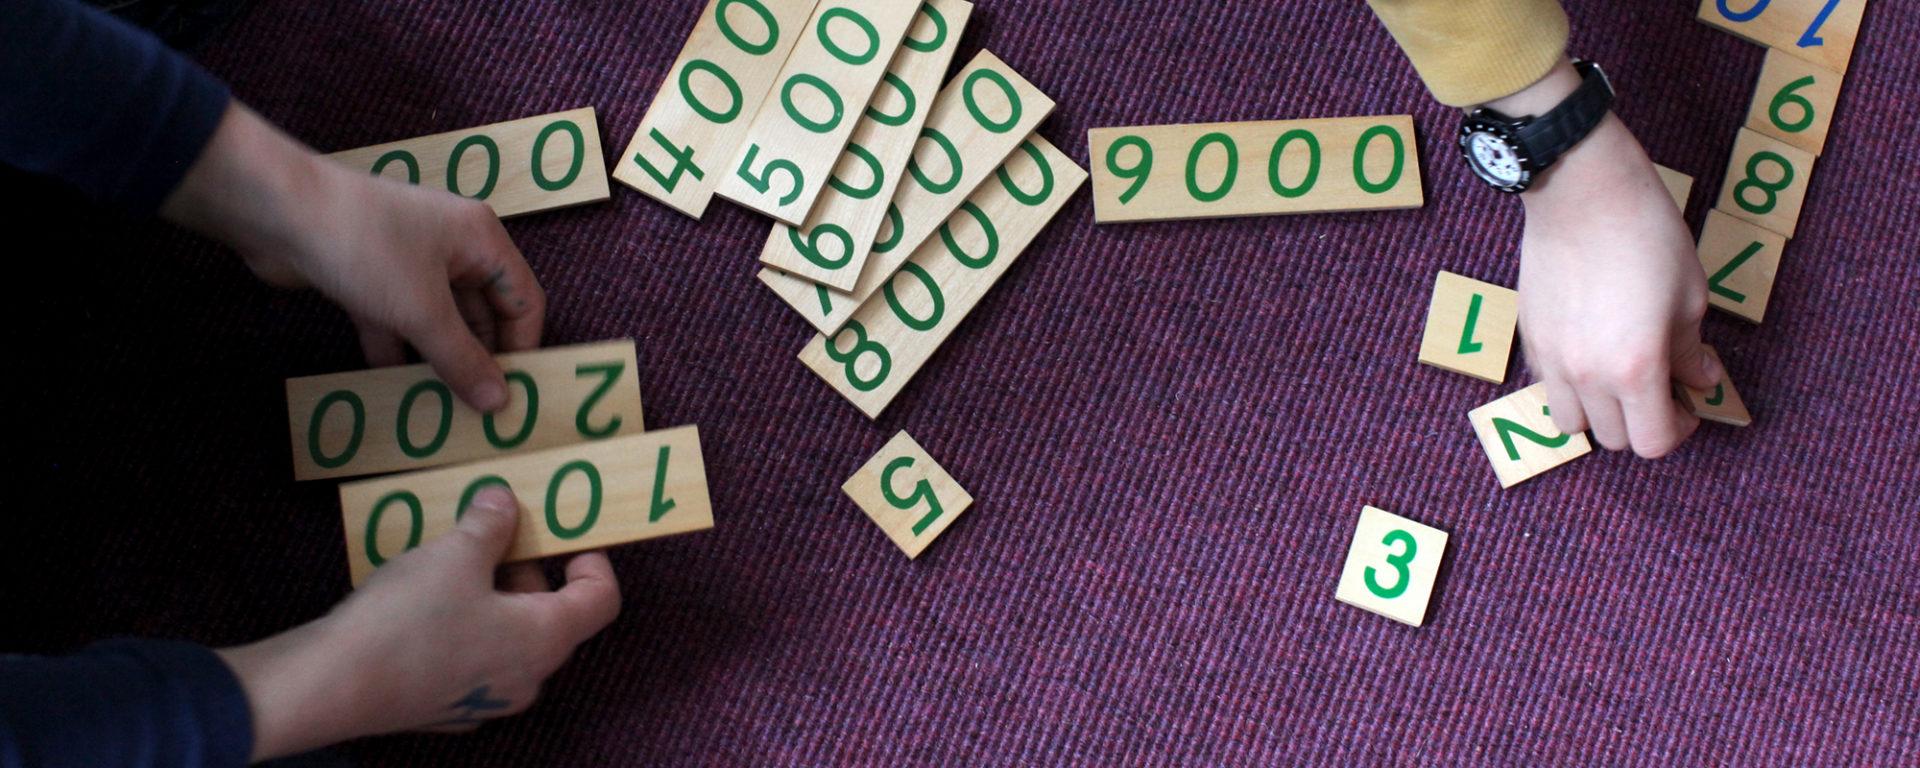 Montessorimaterialien für den Matheunterricht werden von zwei Kindern ausgelegt